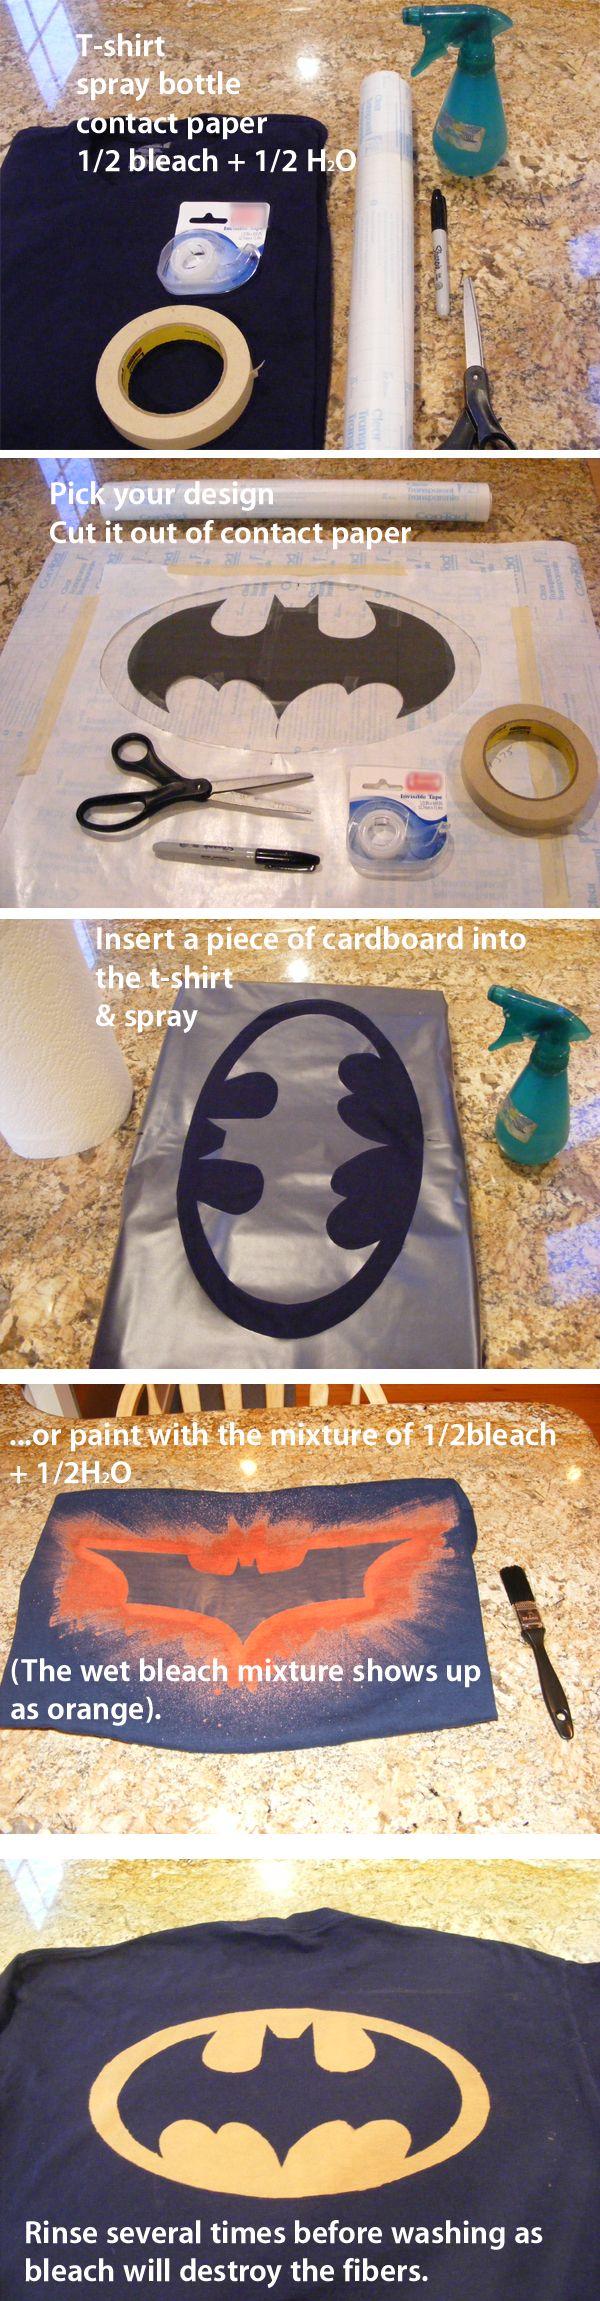 DIY bleach shirts featuring the Batman logo